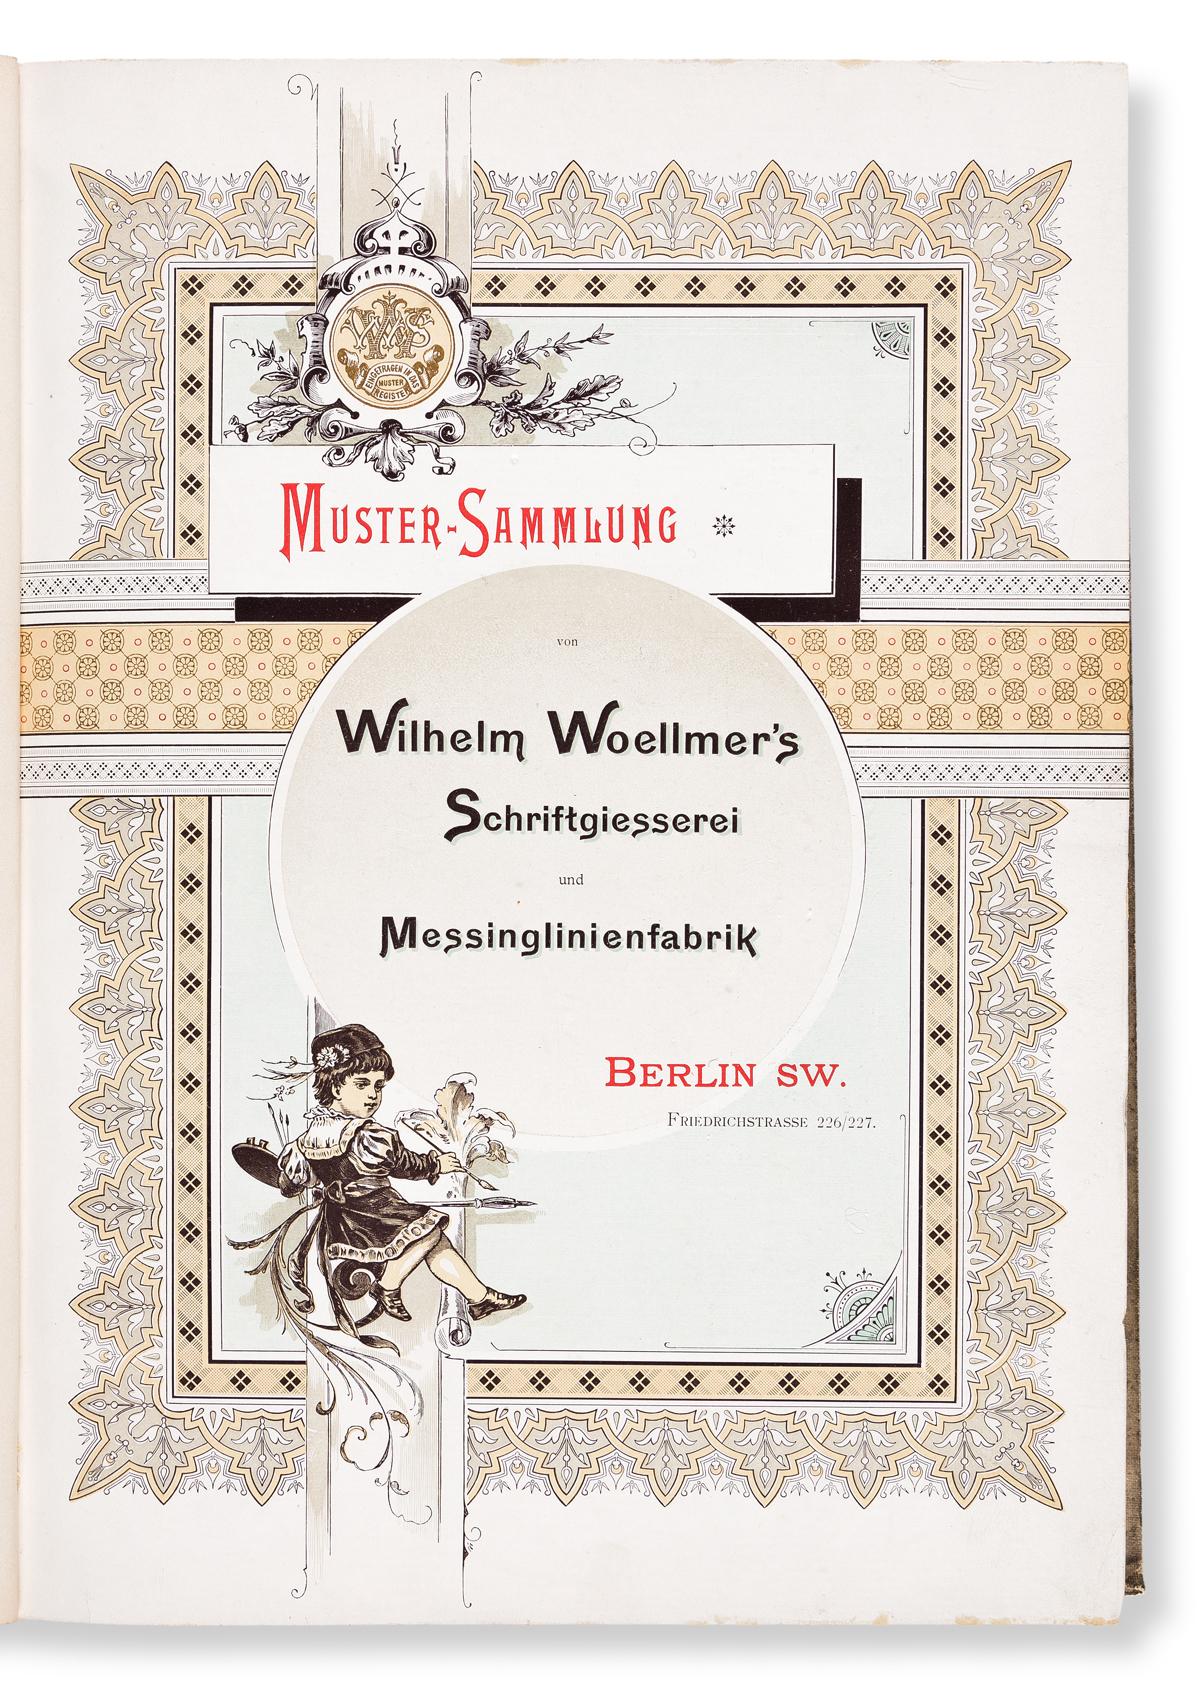 [SPECIMEN BOOK — WILHELM WOELLMER]. Muster-Sammlung von Wilhelm Woellmer's Schriftgiesserei und Messinglinienfabrik Stempelschneiderei.